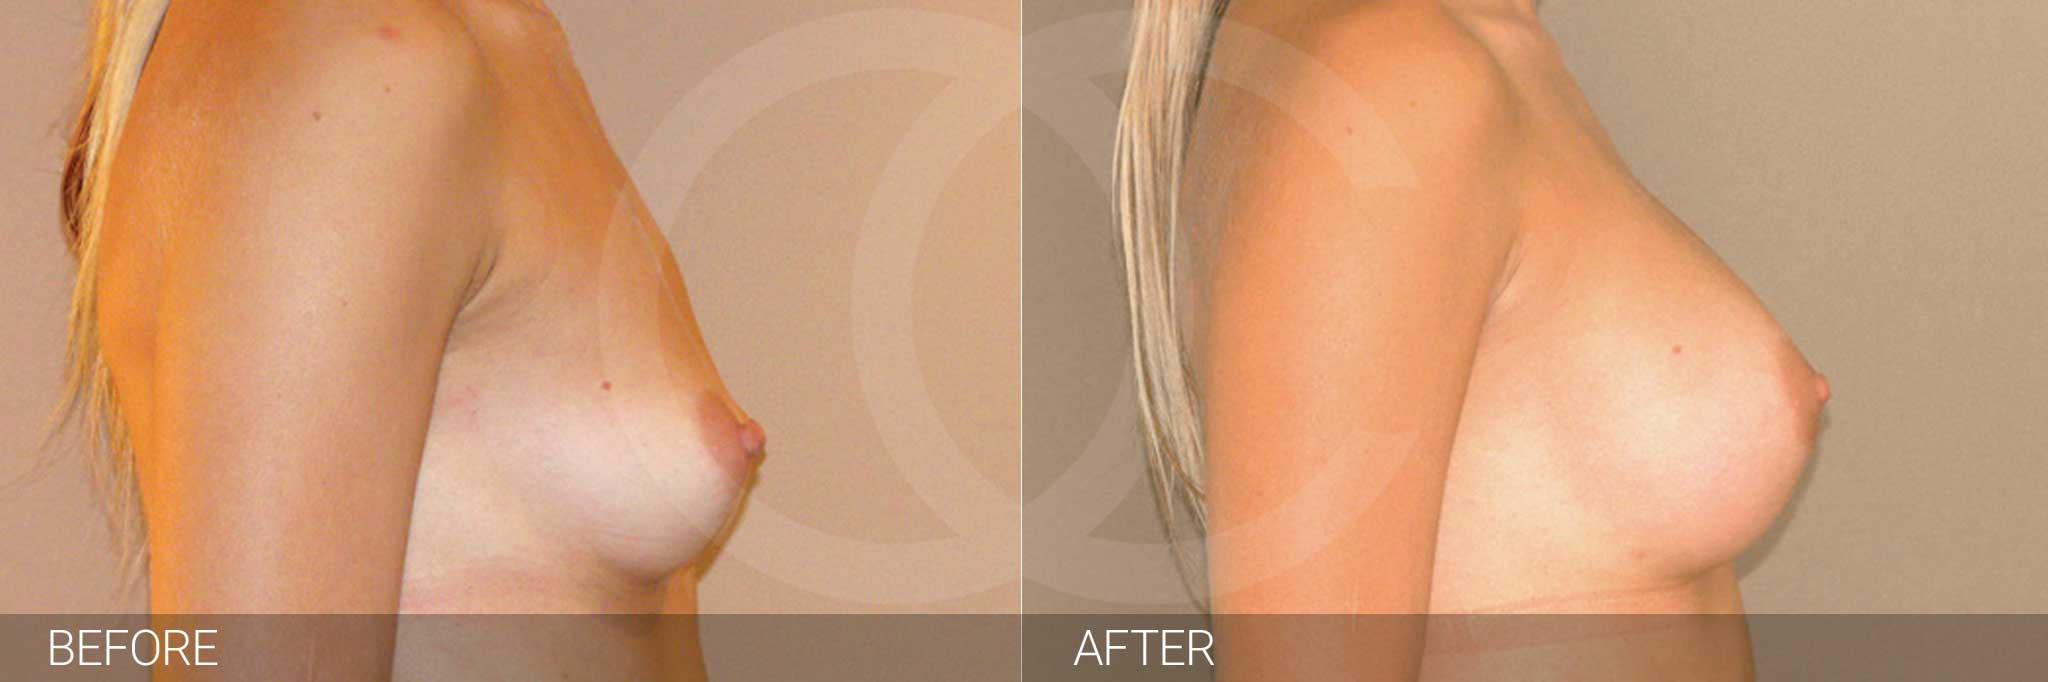 Augmentation mammaire Prothèses mammaires en silicone 300cc profil haut ante/post-op III